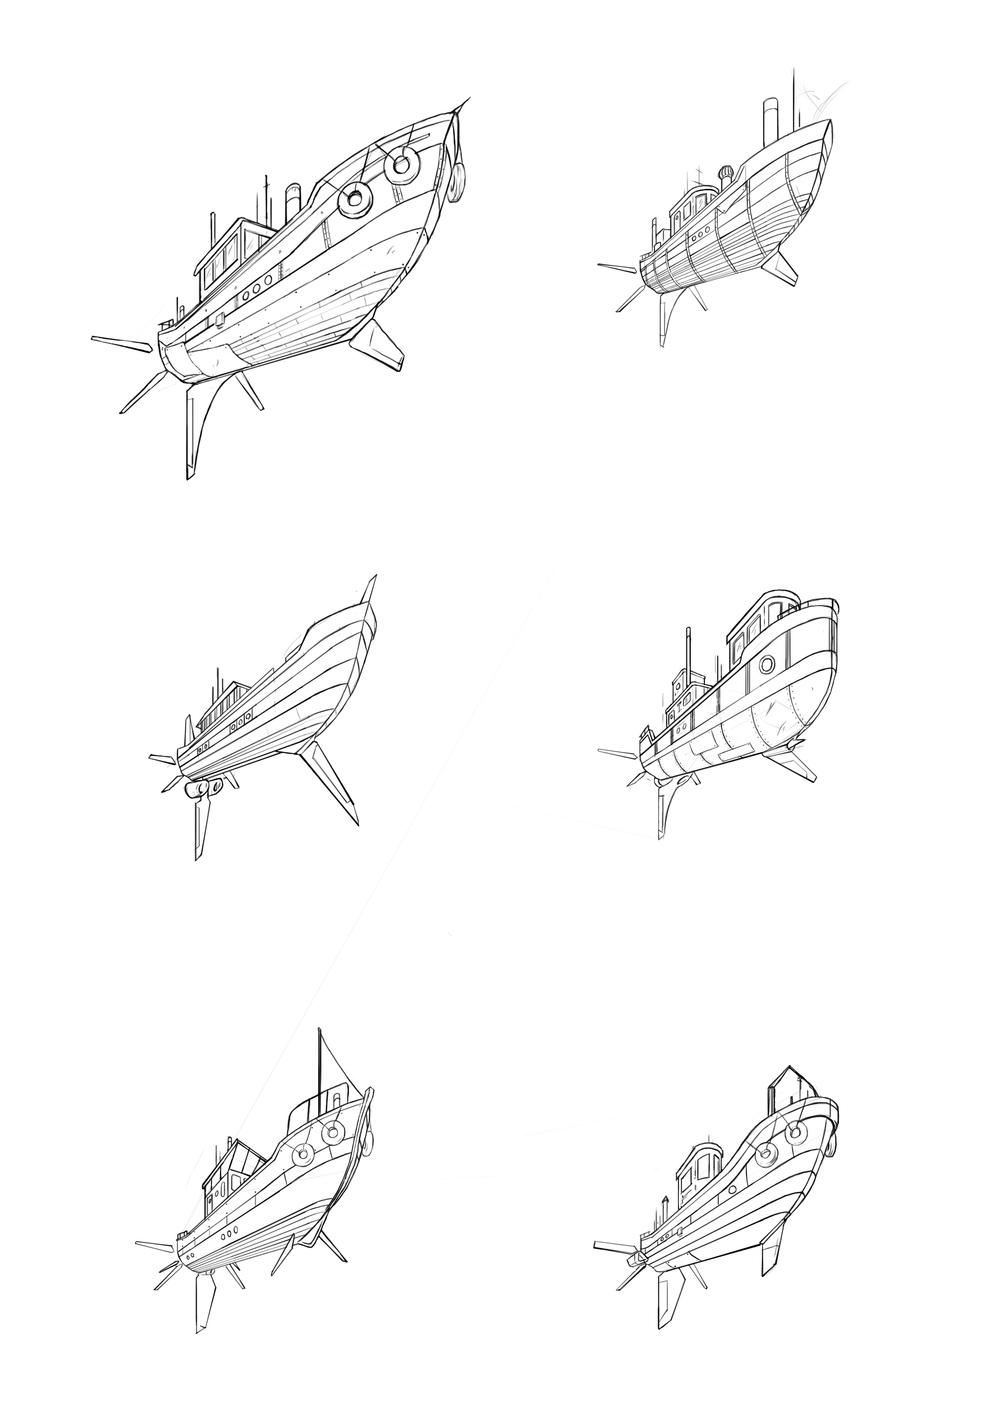 fishingboatvariations.jpg